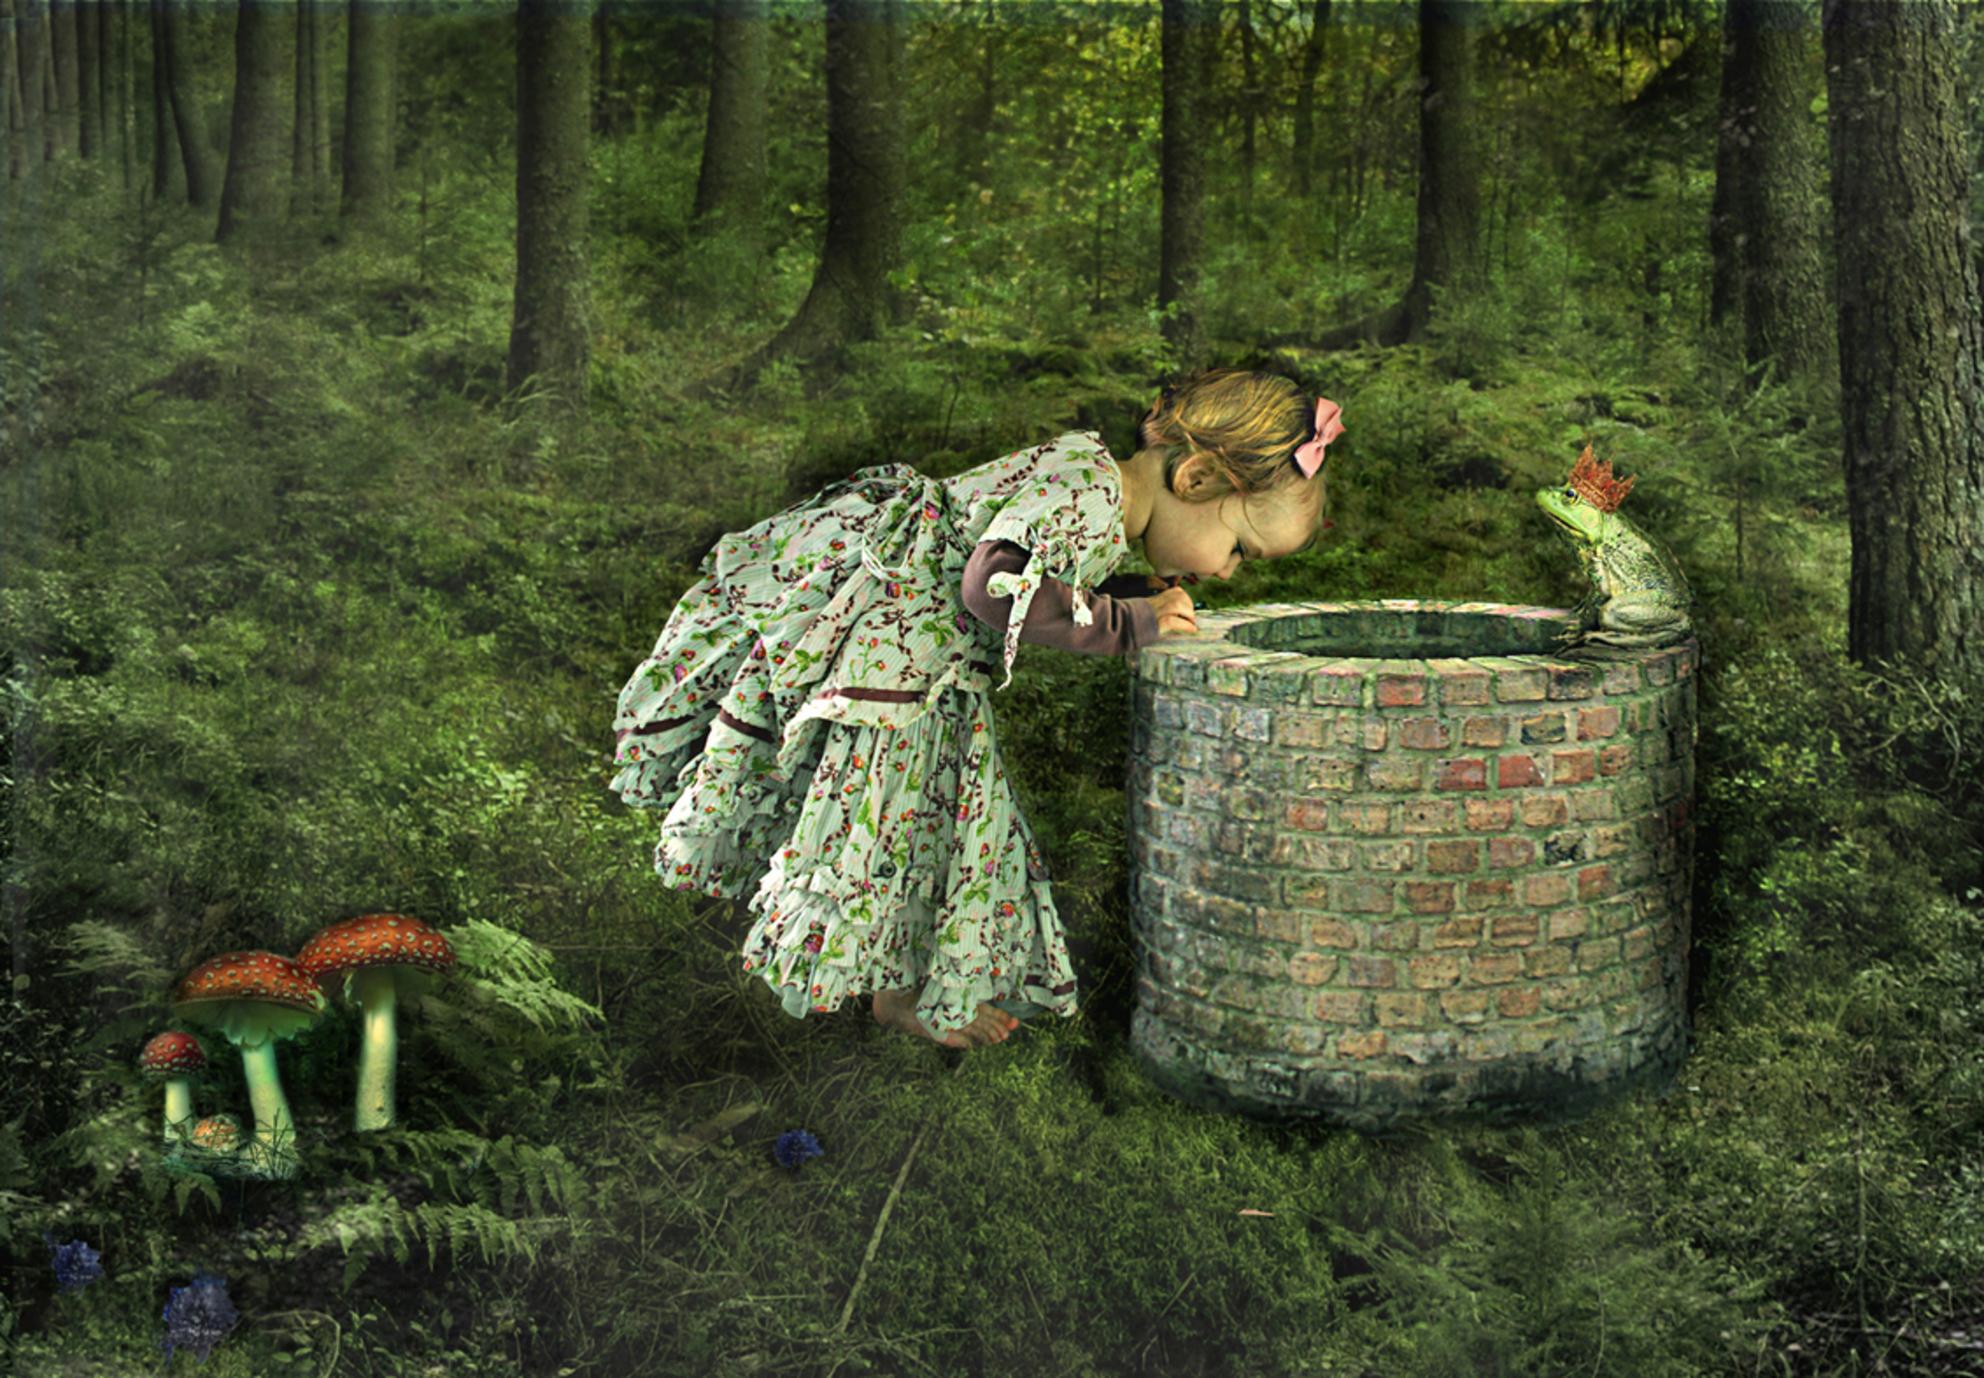 Frog King - Bewerking van m'n dochtertje Sophie - foto door lotuss op 11-03-2011 - deze foto bevat: fantasie, kind, bewerking, sprookje - Deze foto mag gebruikt worden in een Zoom.nl publicatie